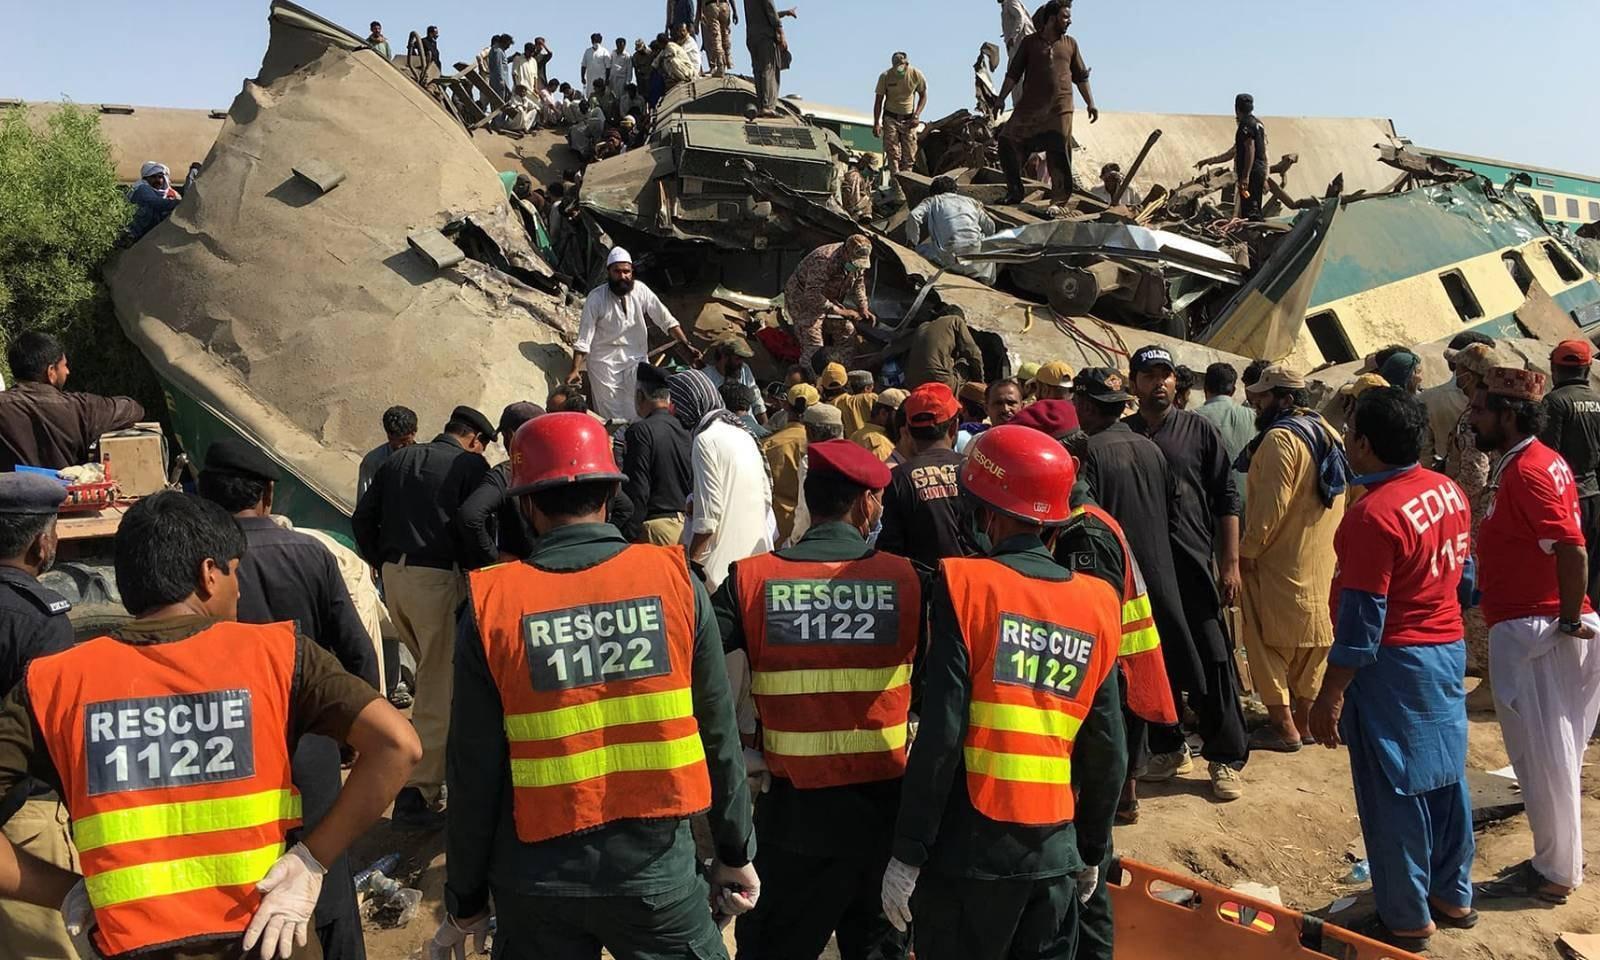 حادثے میں 100 سے زائد افراد زخمی ہوئے ہیں—فوٹو: رائٹرز